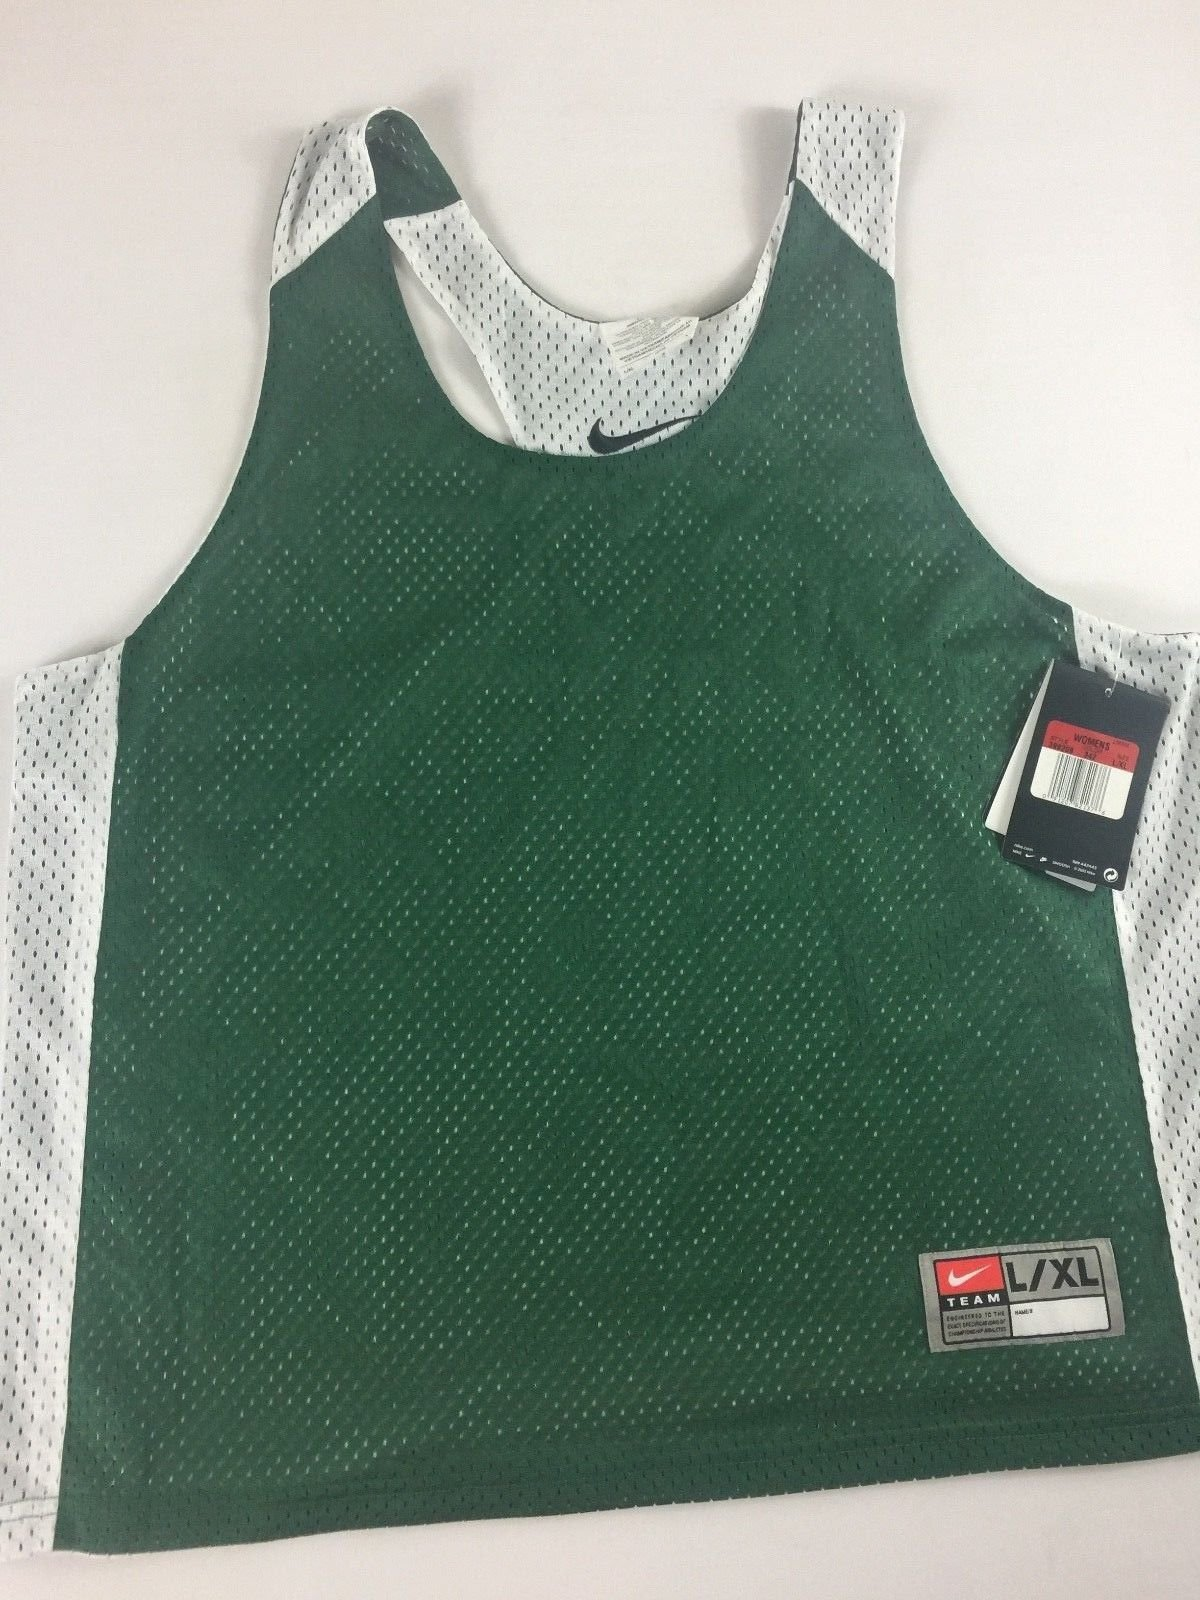 Lacrosse Jersey Womens L/XL Green White Mesh Reversible Team Shirt Tank Top